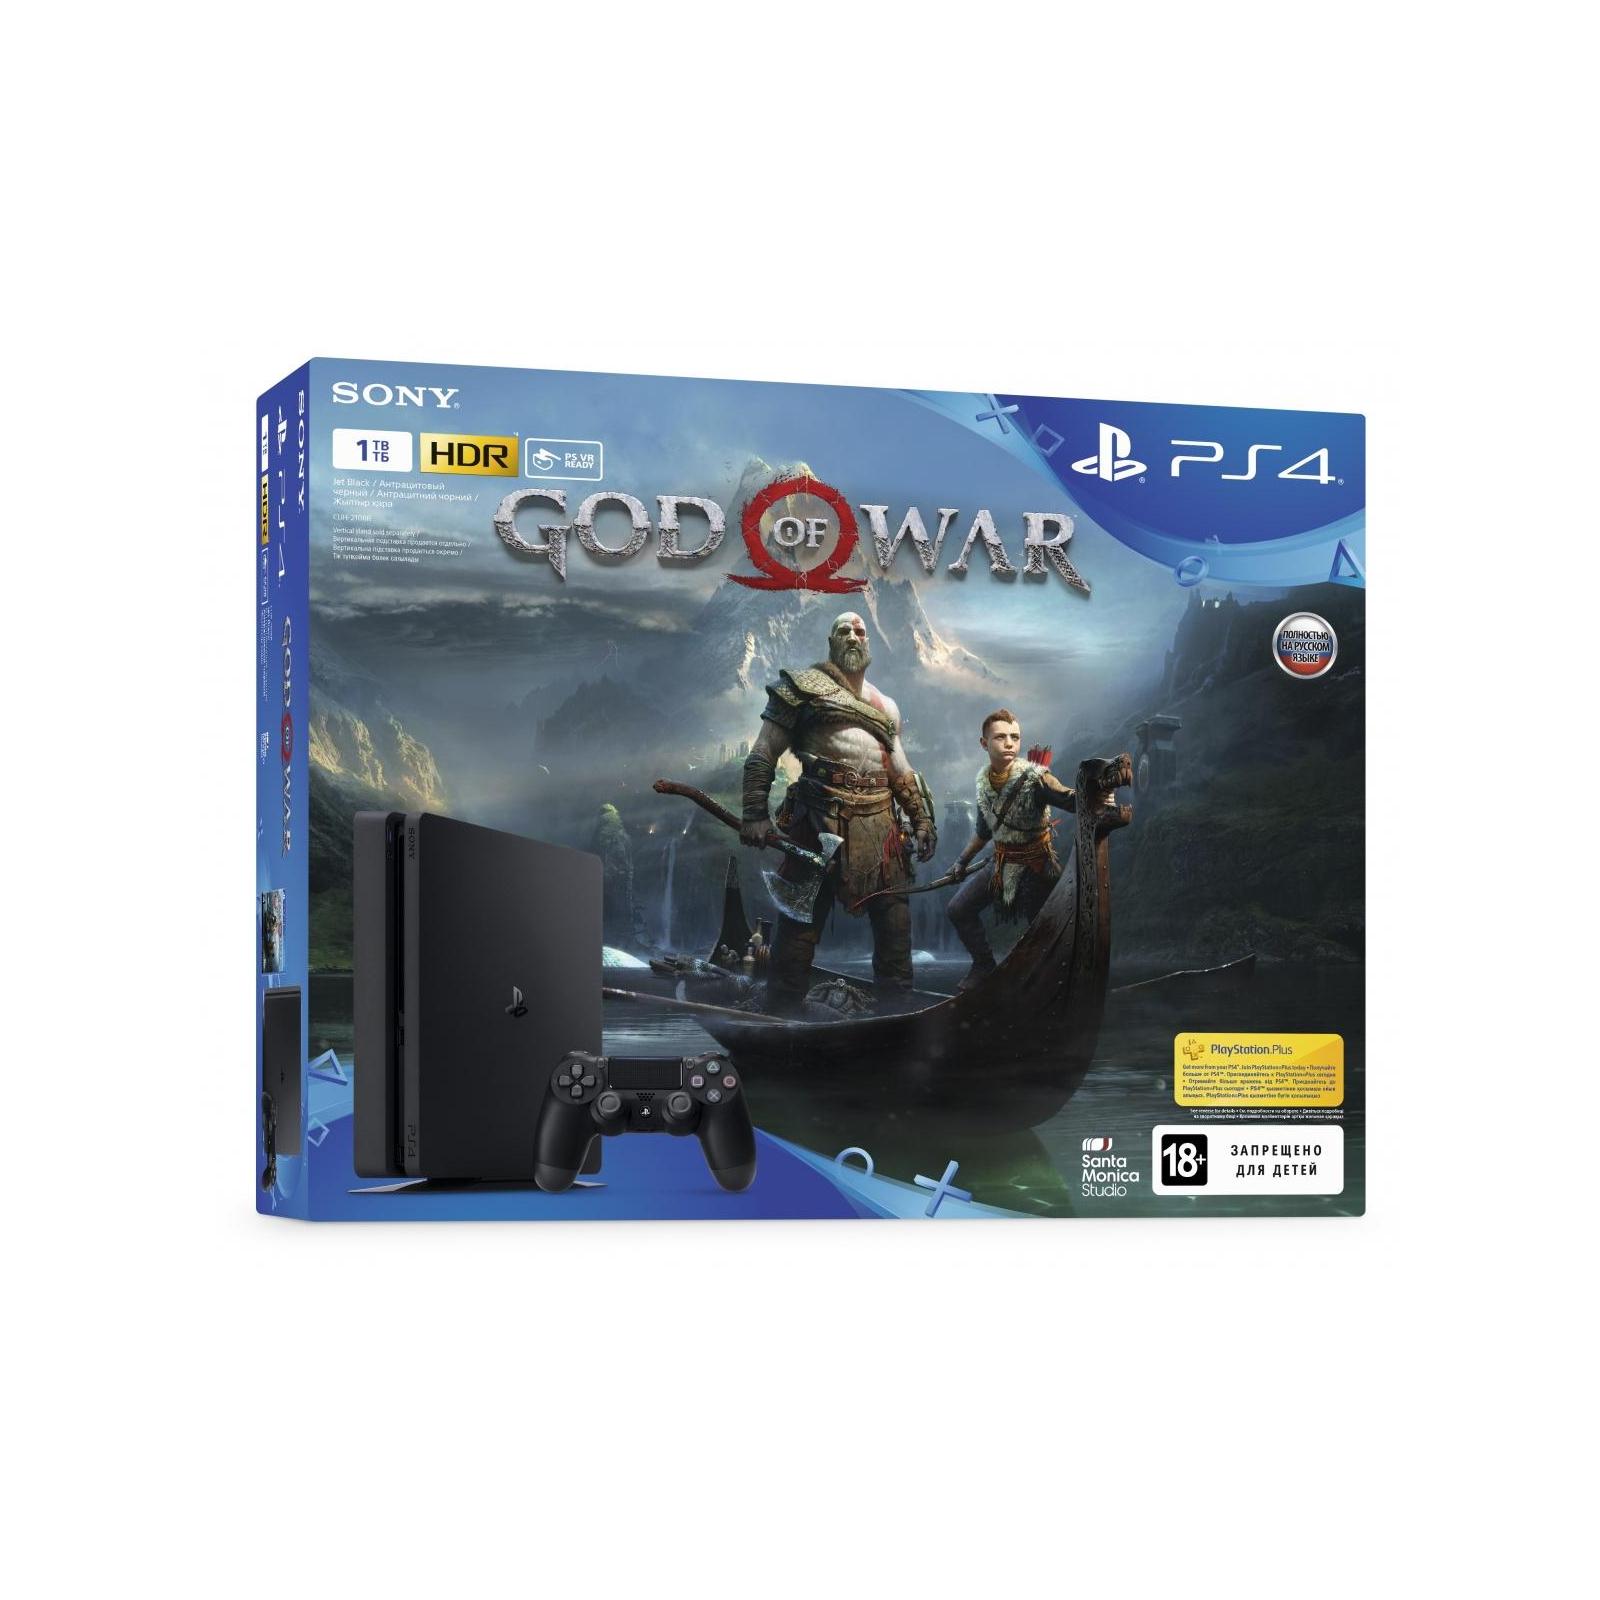 Игровая консоль Sony PlayStation 4 Slim 1Tb Black (God of War) (9385172) изображение 9